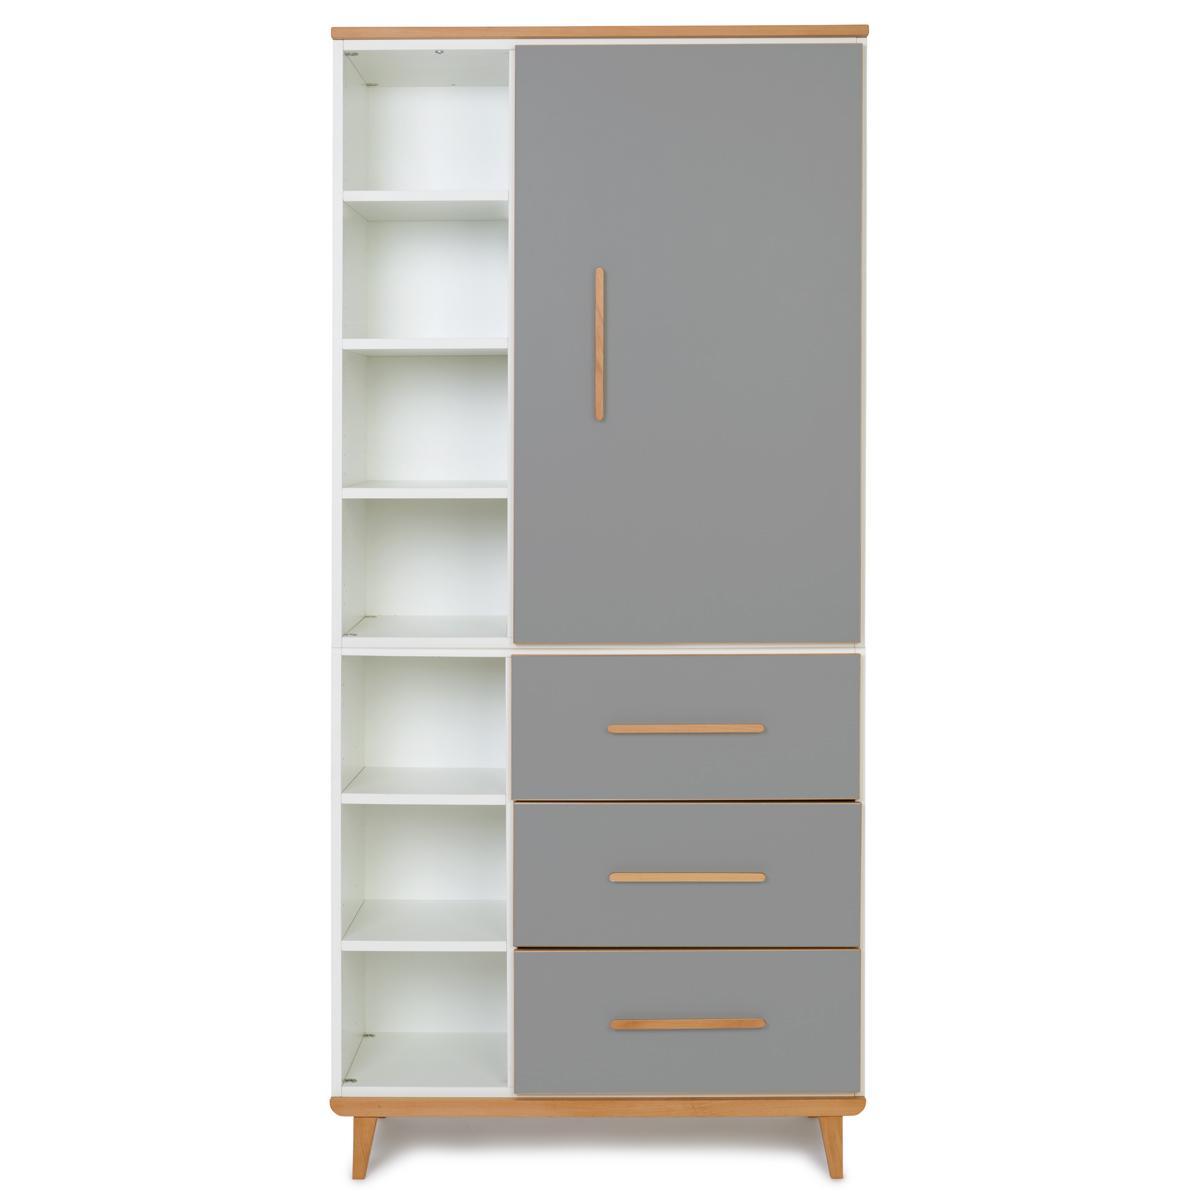 Armoire 198cm 1 porte 3 tiroirs NADO By A.K. slate grey